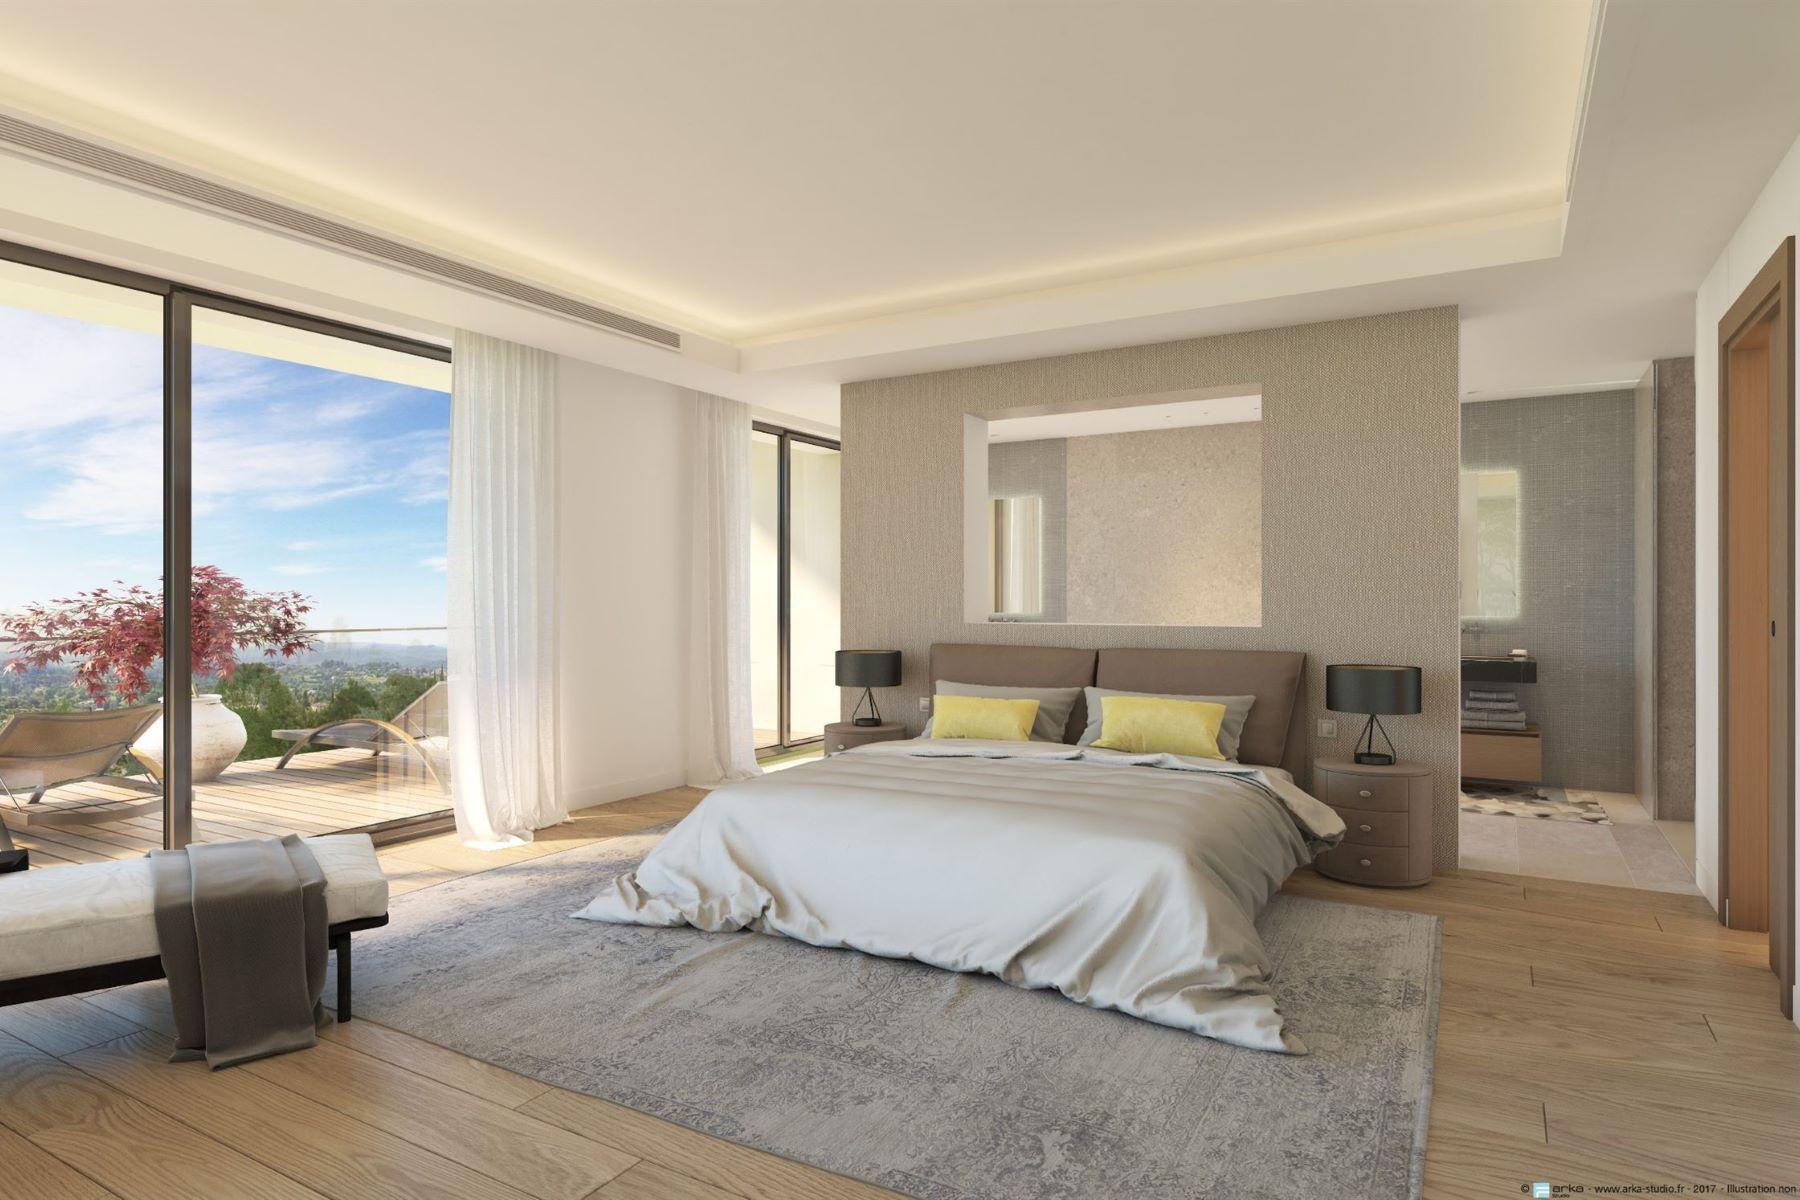 Apartments por un Venta en 3 beds apartment for sale in Saint-Paul-de-Vence - Le Jardin des Arts - A13 Other Provence-Alpes-Cote D'Azur, Provincia - Alpes - Costa Azul 06570 Francia